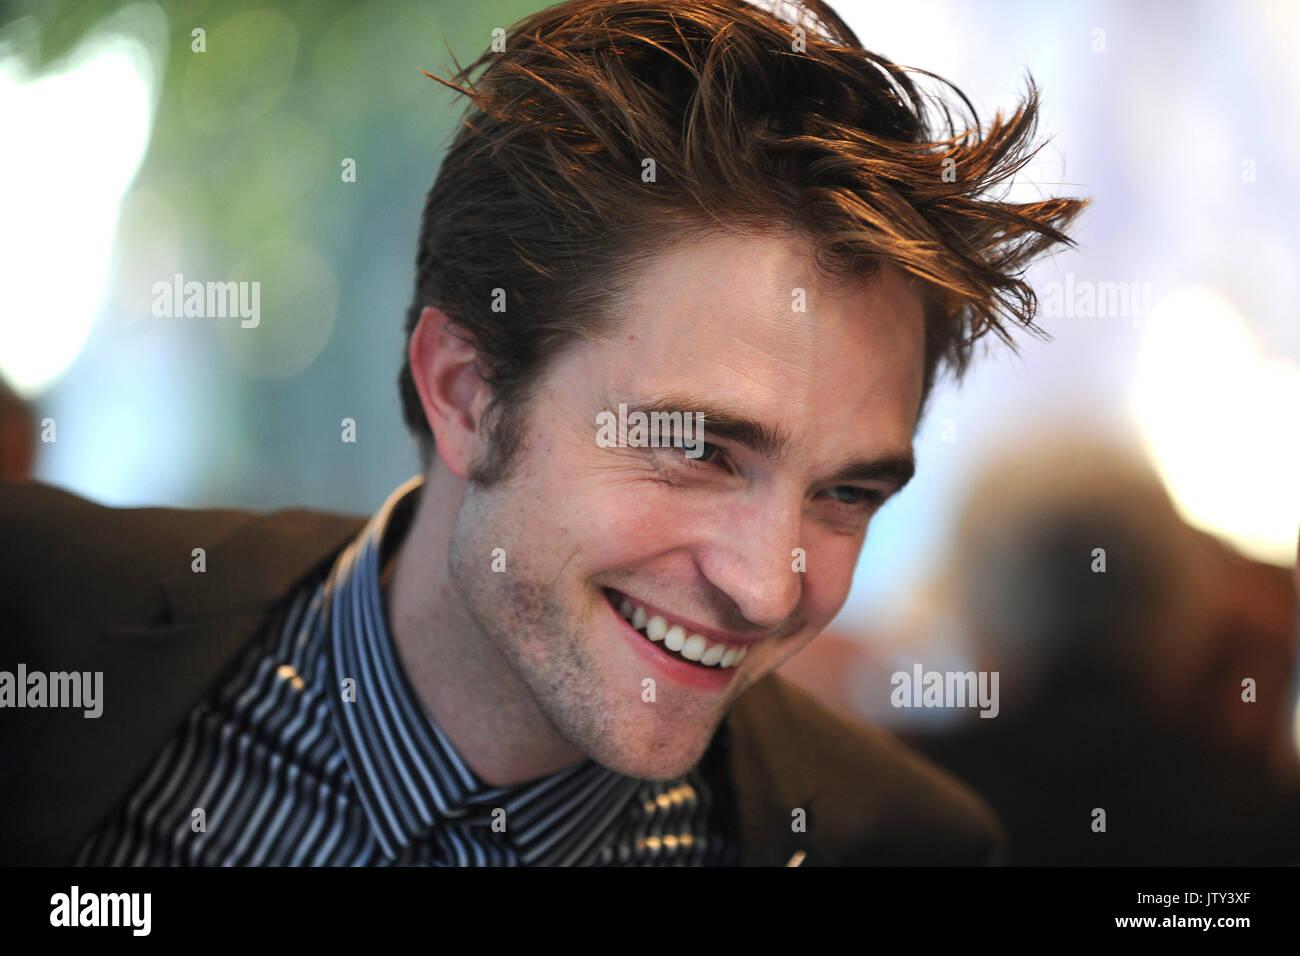 Robert Pattinson nueva york asiste al estreno de 'buen tiempo' en sva theater el 8 de agosto de 2017 en la ciudad Foto de stock